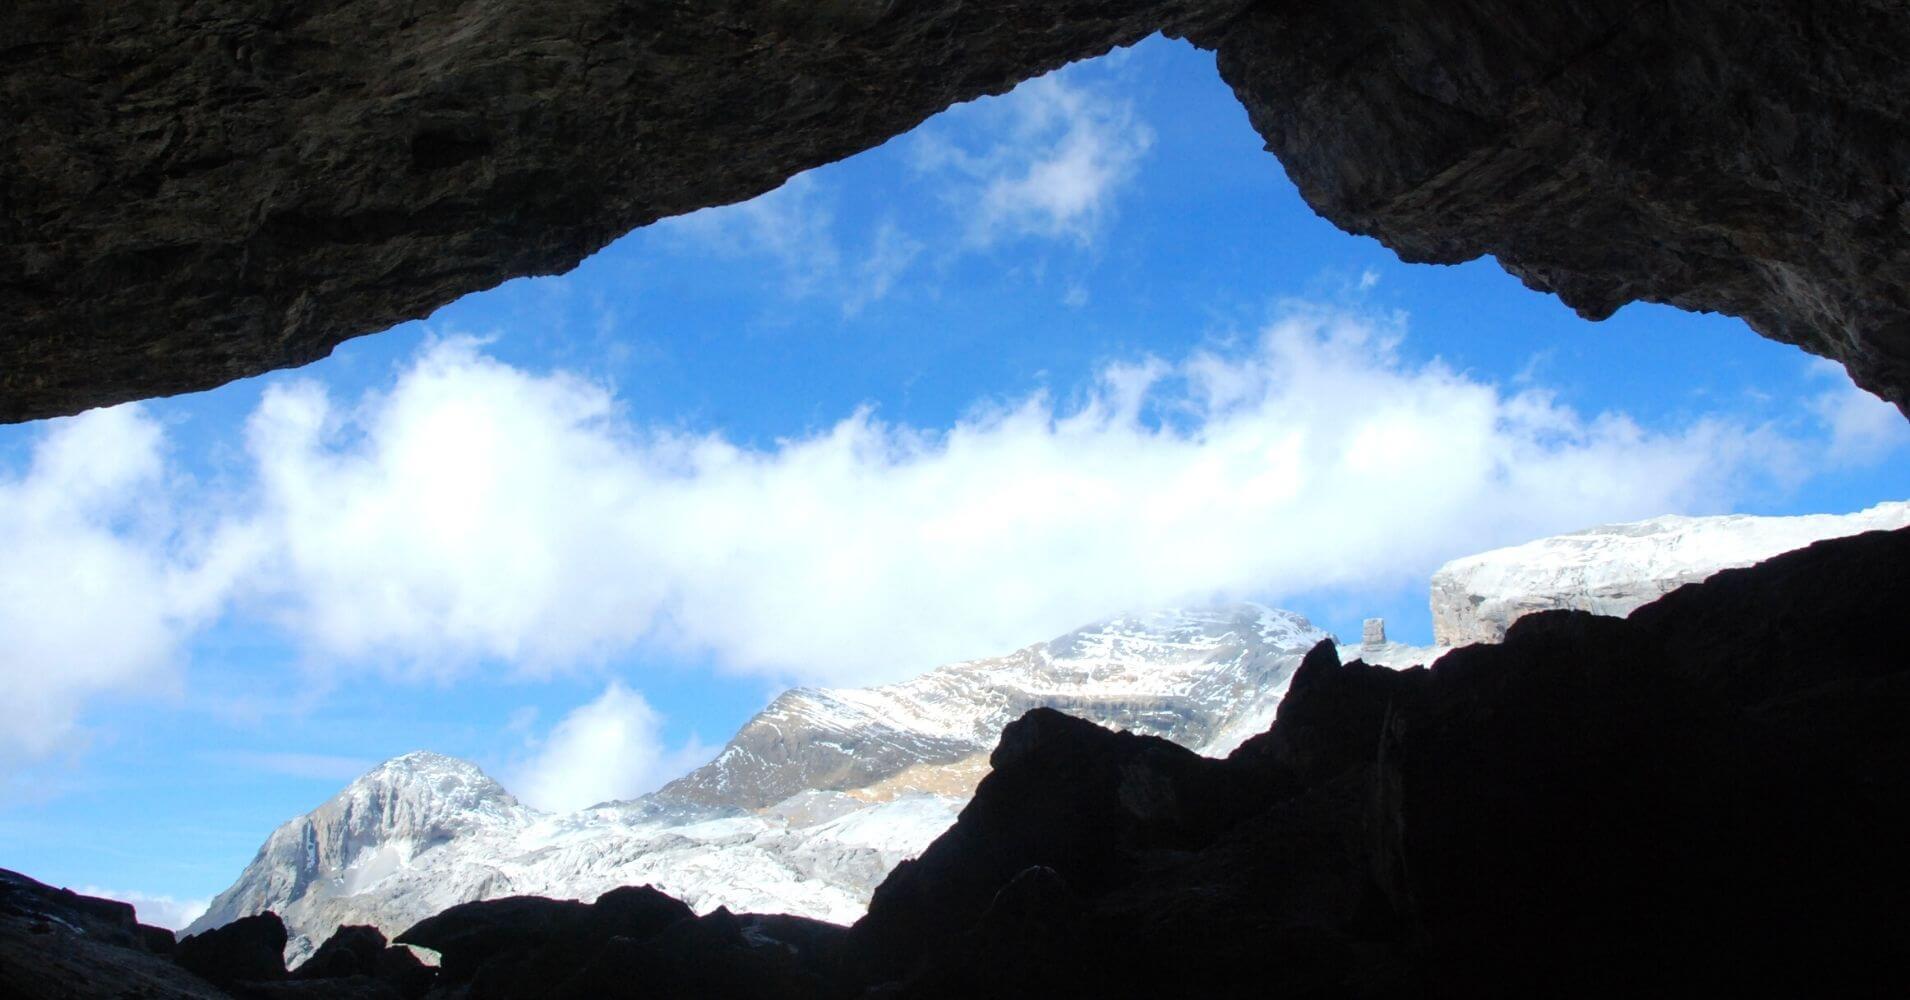 Gruta Helada de Casteret. Parque Nacional de Ordesa y Monte Perdido. Huesca.